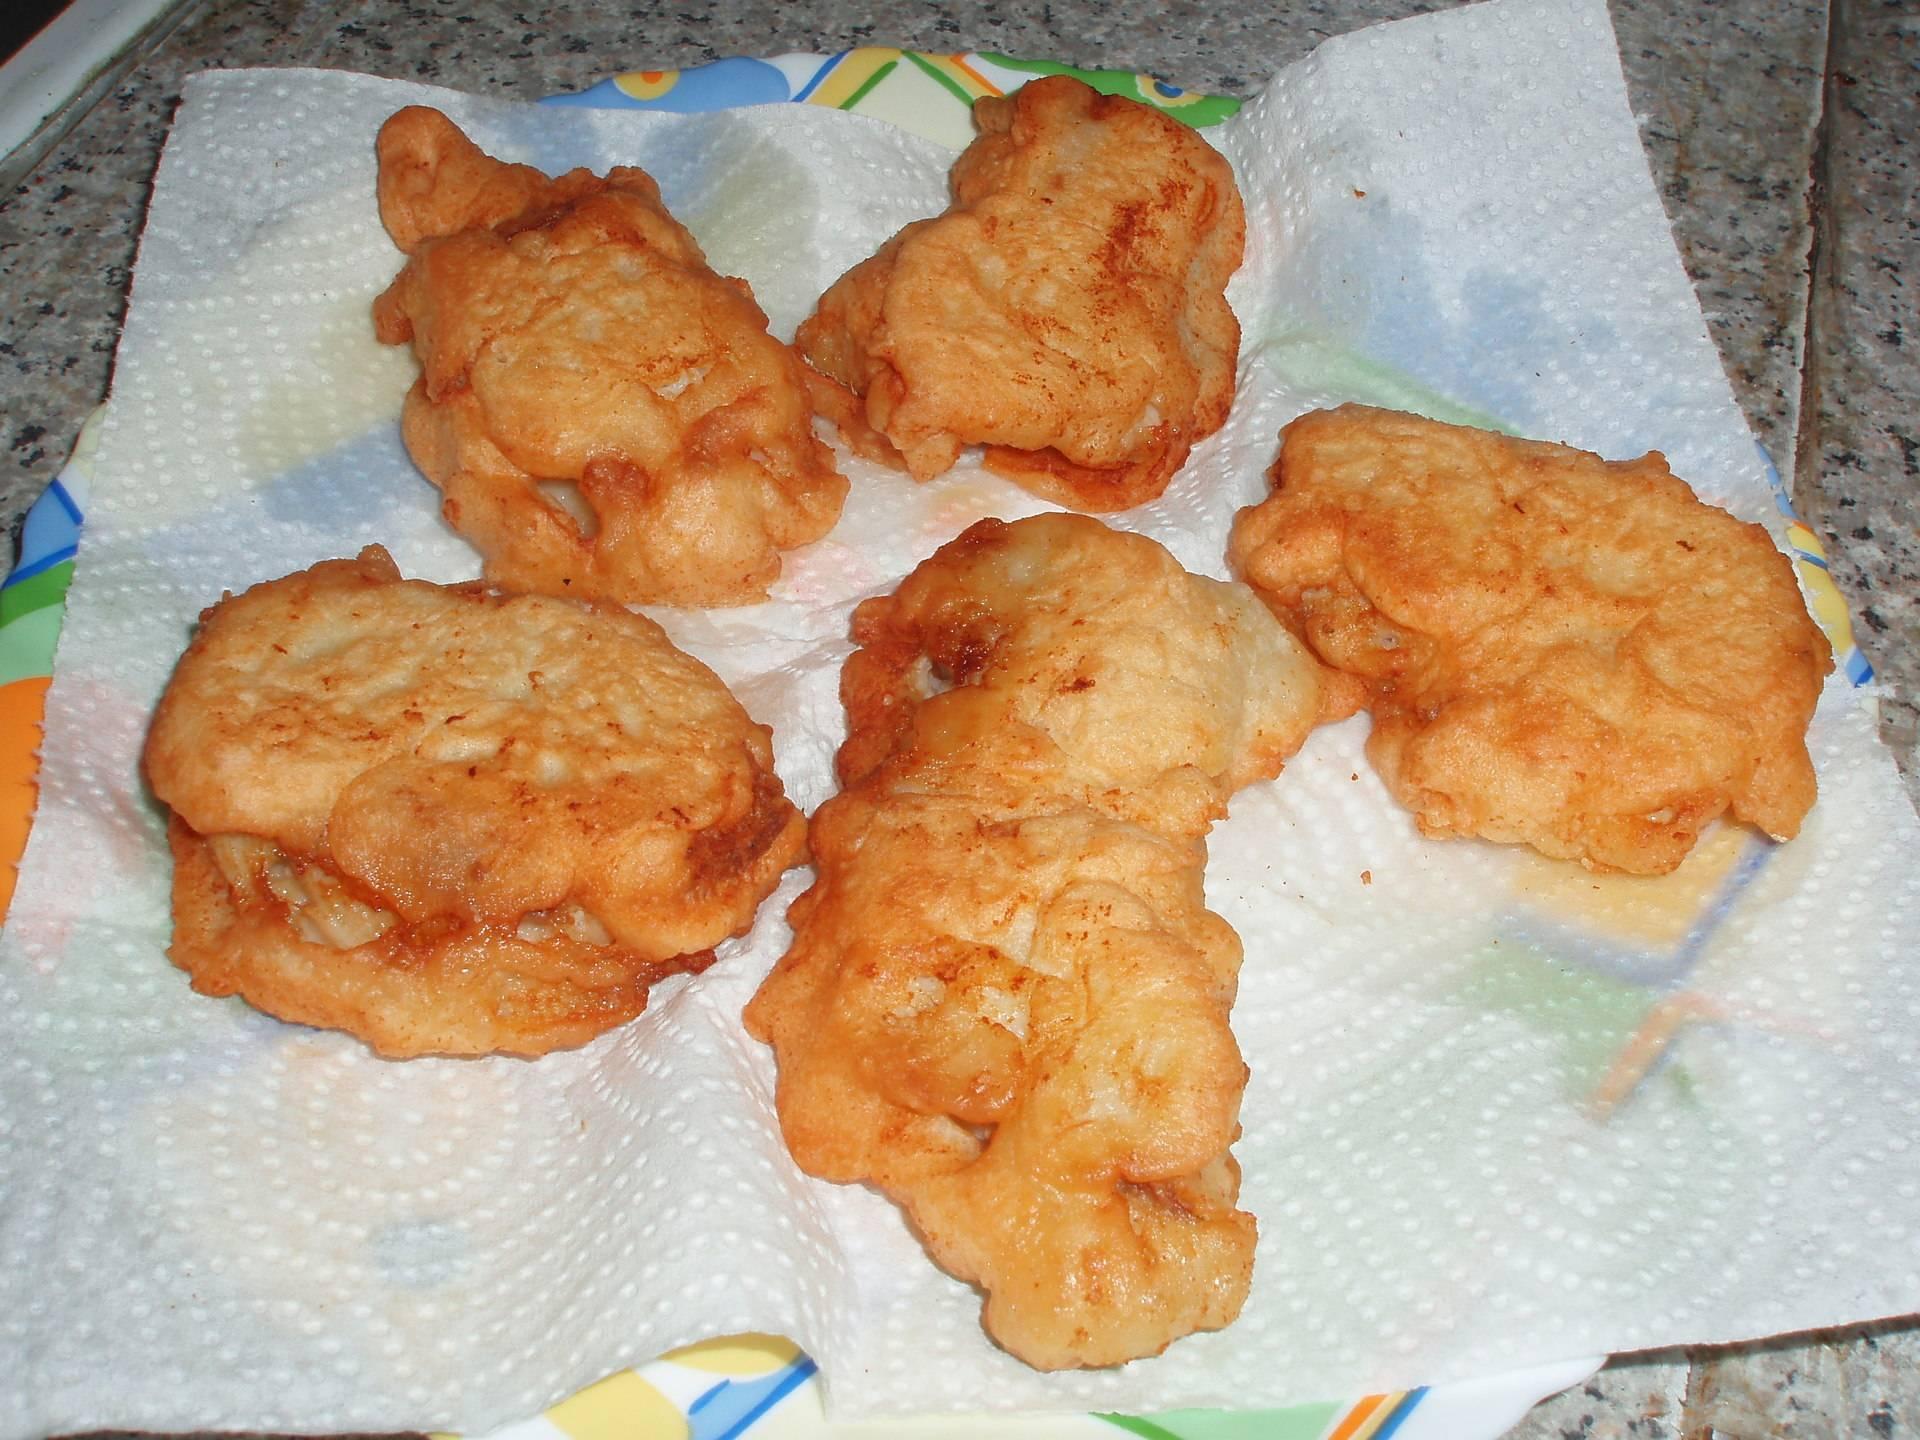 Как приготовить кляр для жарки рыбы: 12 простых и вкусных рецептов кляра на пиве, молоке, крахмале, майонезе, без яиц, на вине, с сыром, рецепт бельгийского кляра